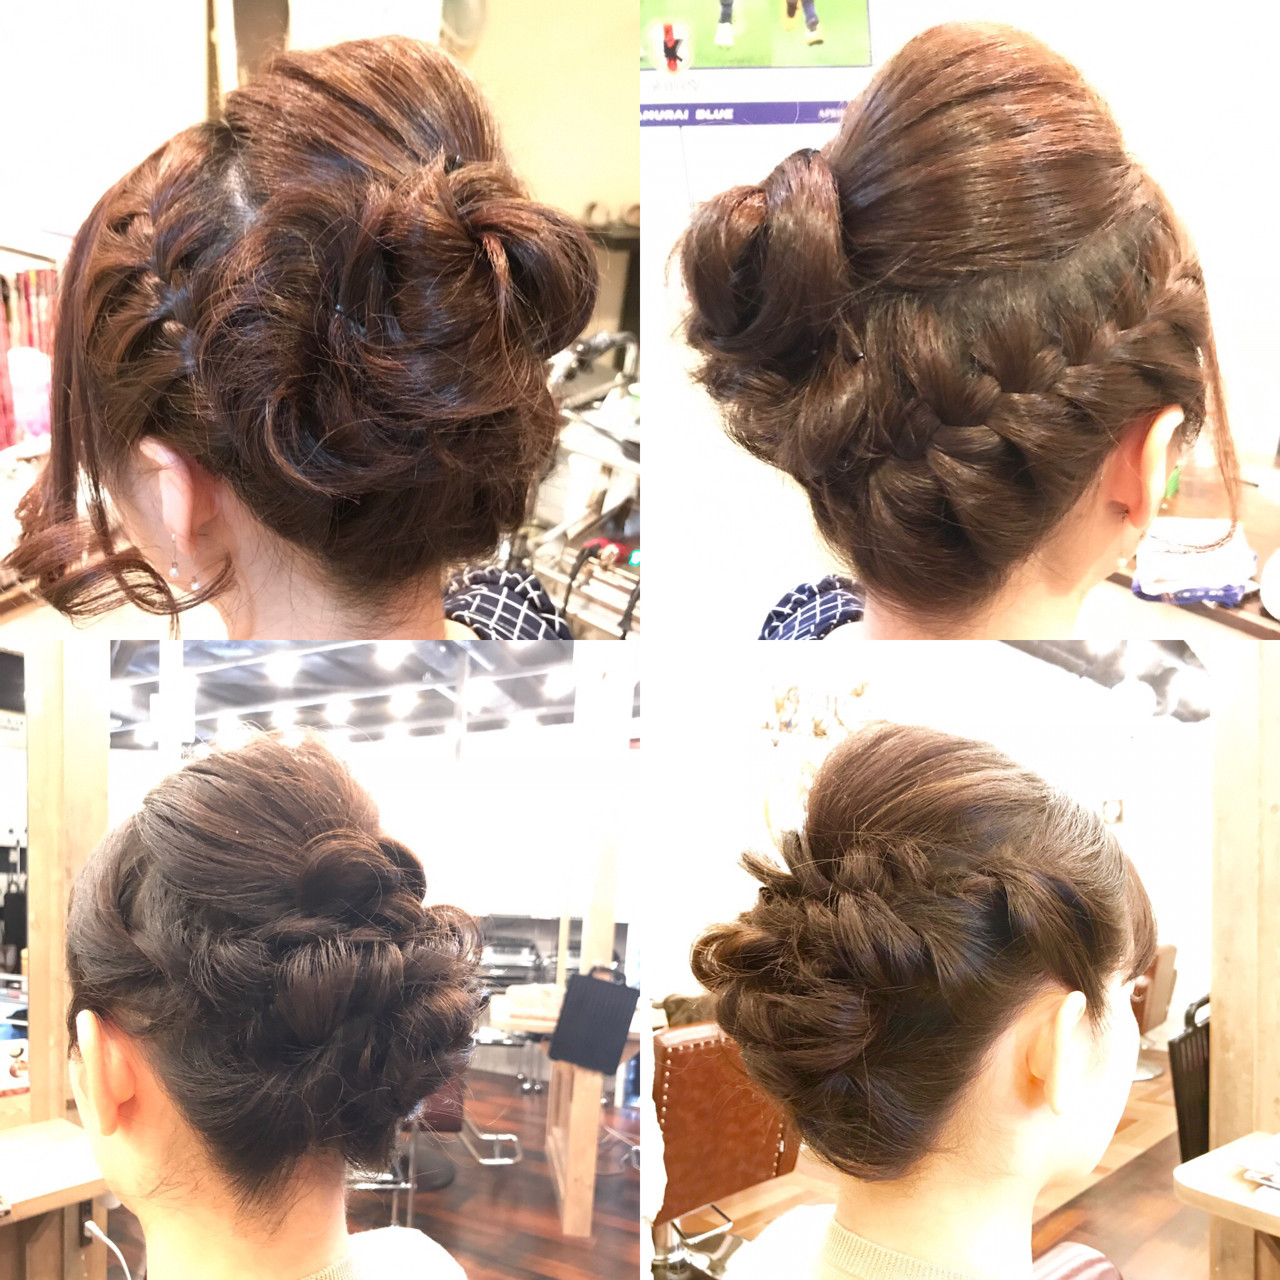 エレガント 編み込み まとめ髪 ヘアアレンジ ヘアスタイルや髪型の写真・画像